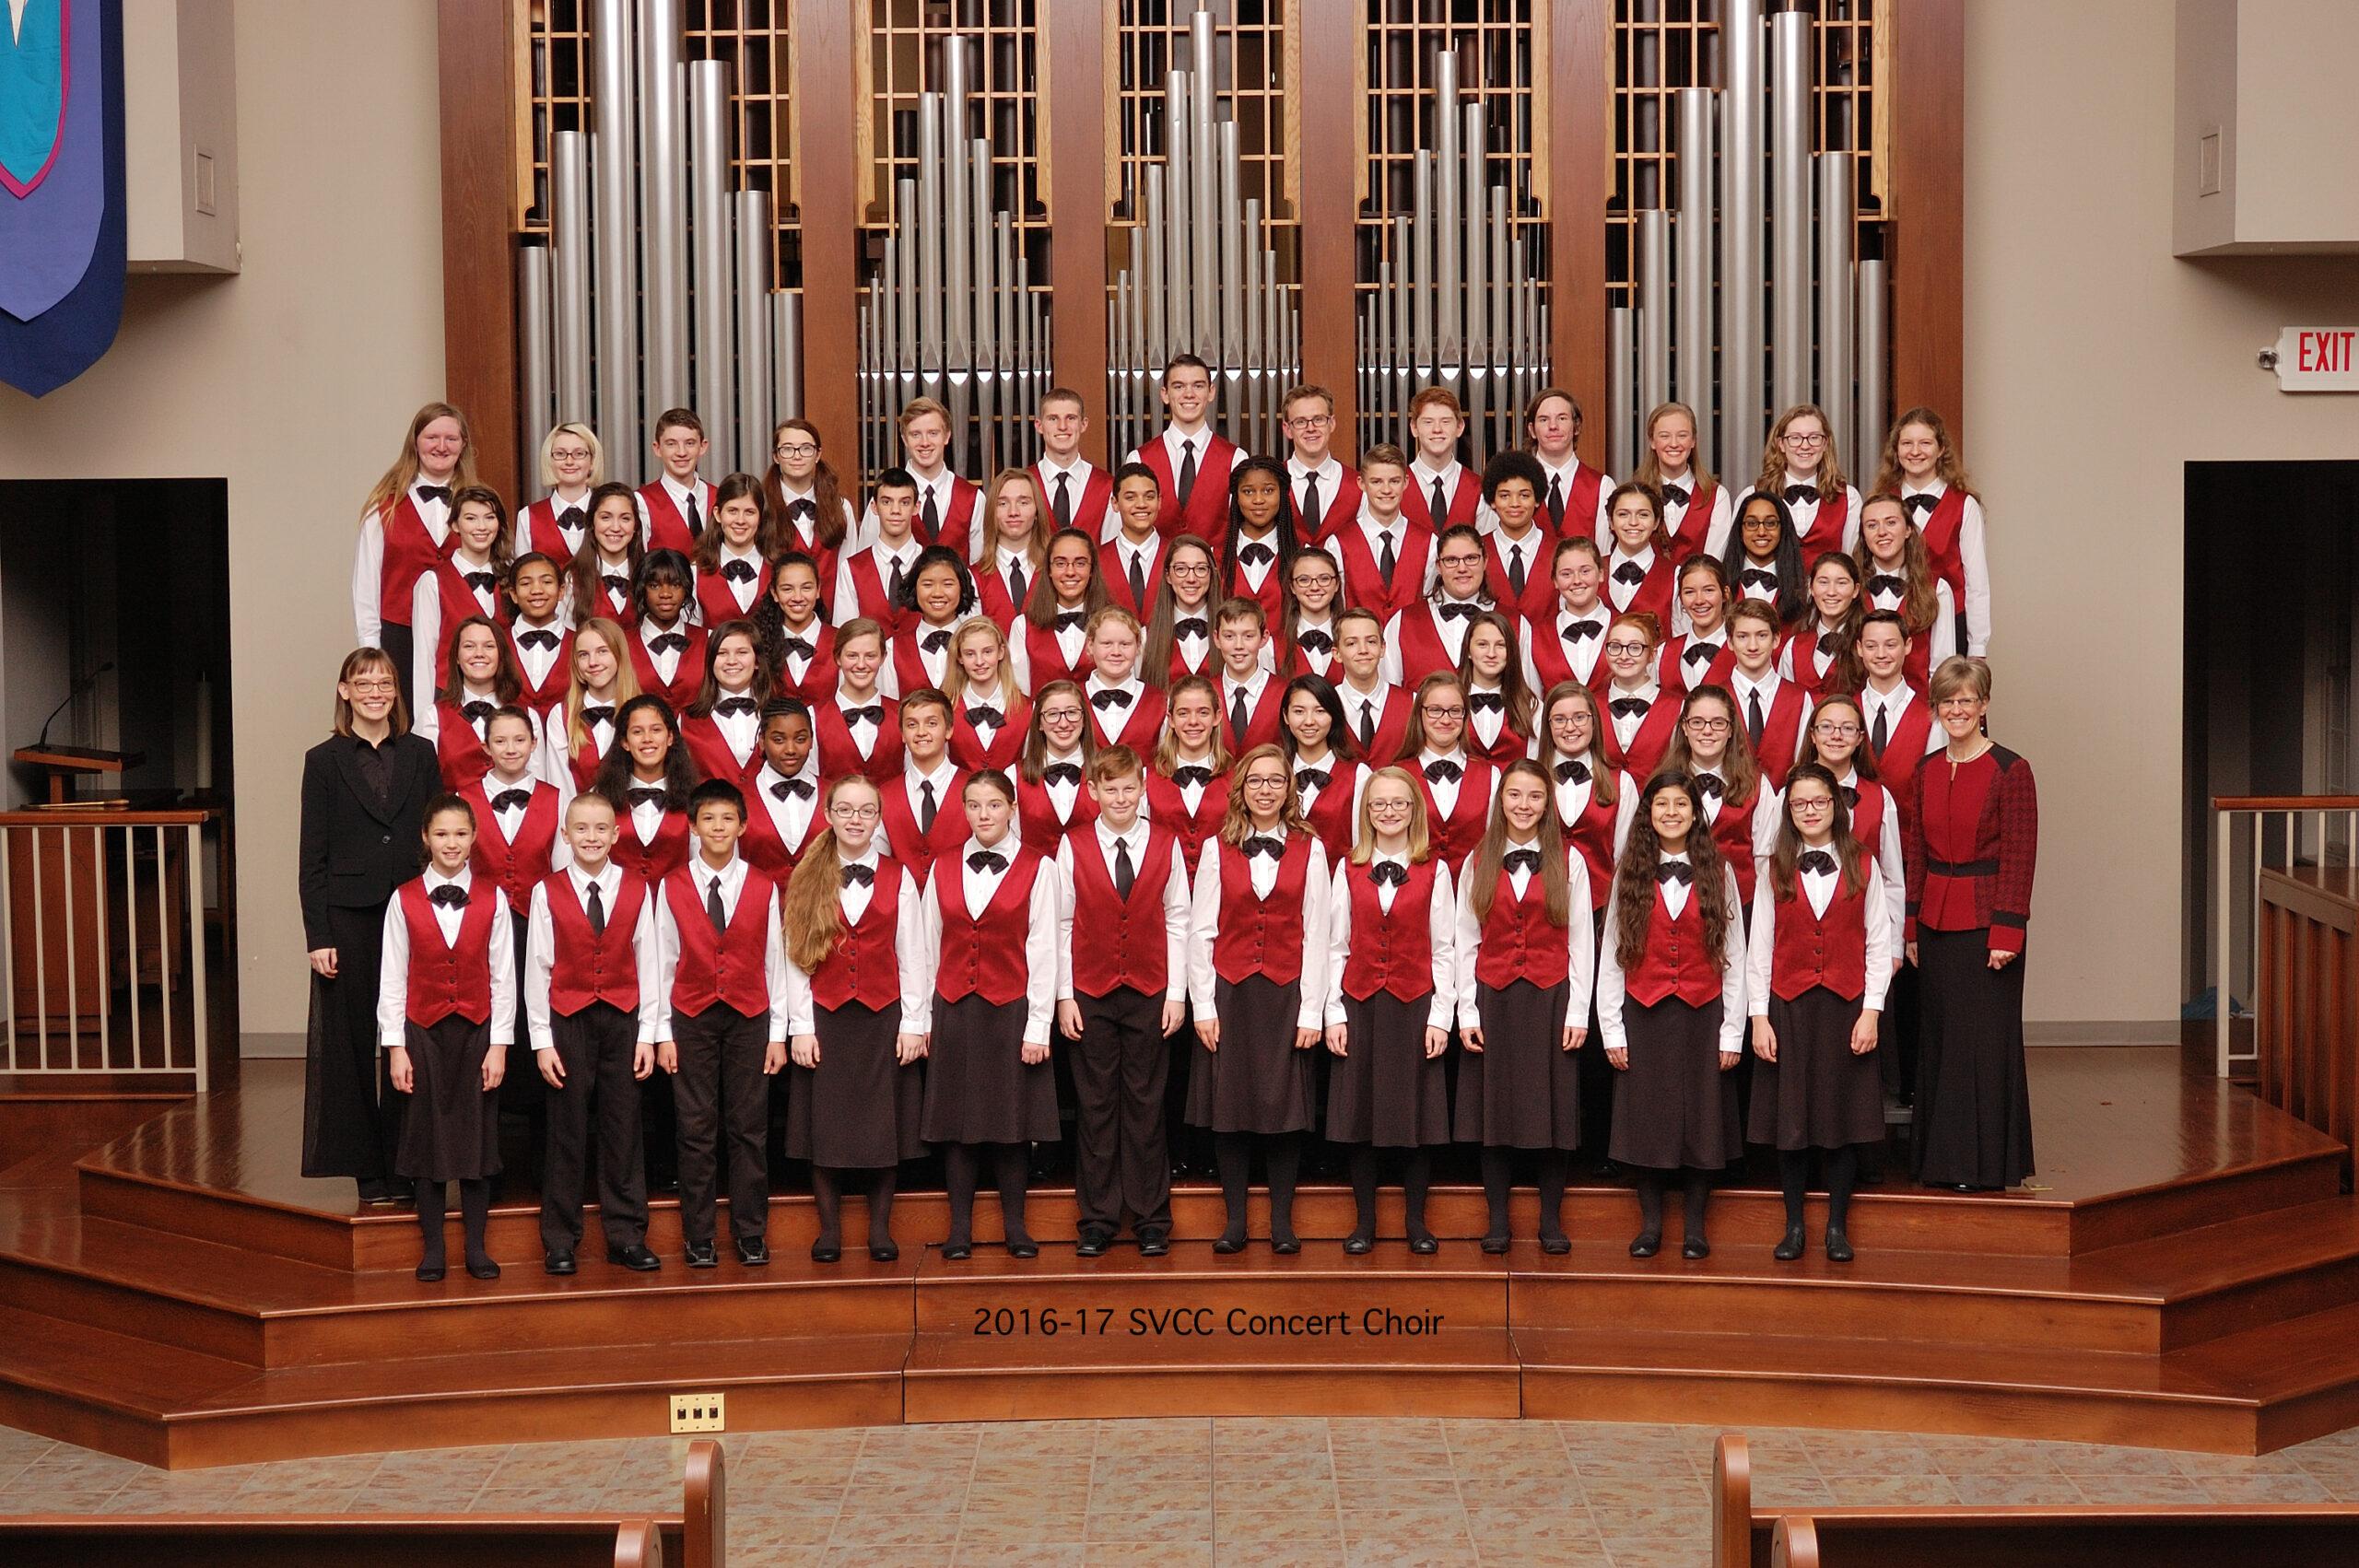 Shenendoah Valley Children's Choir